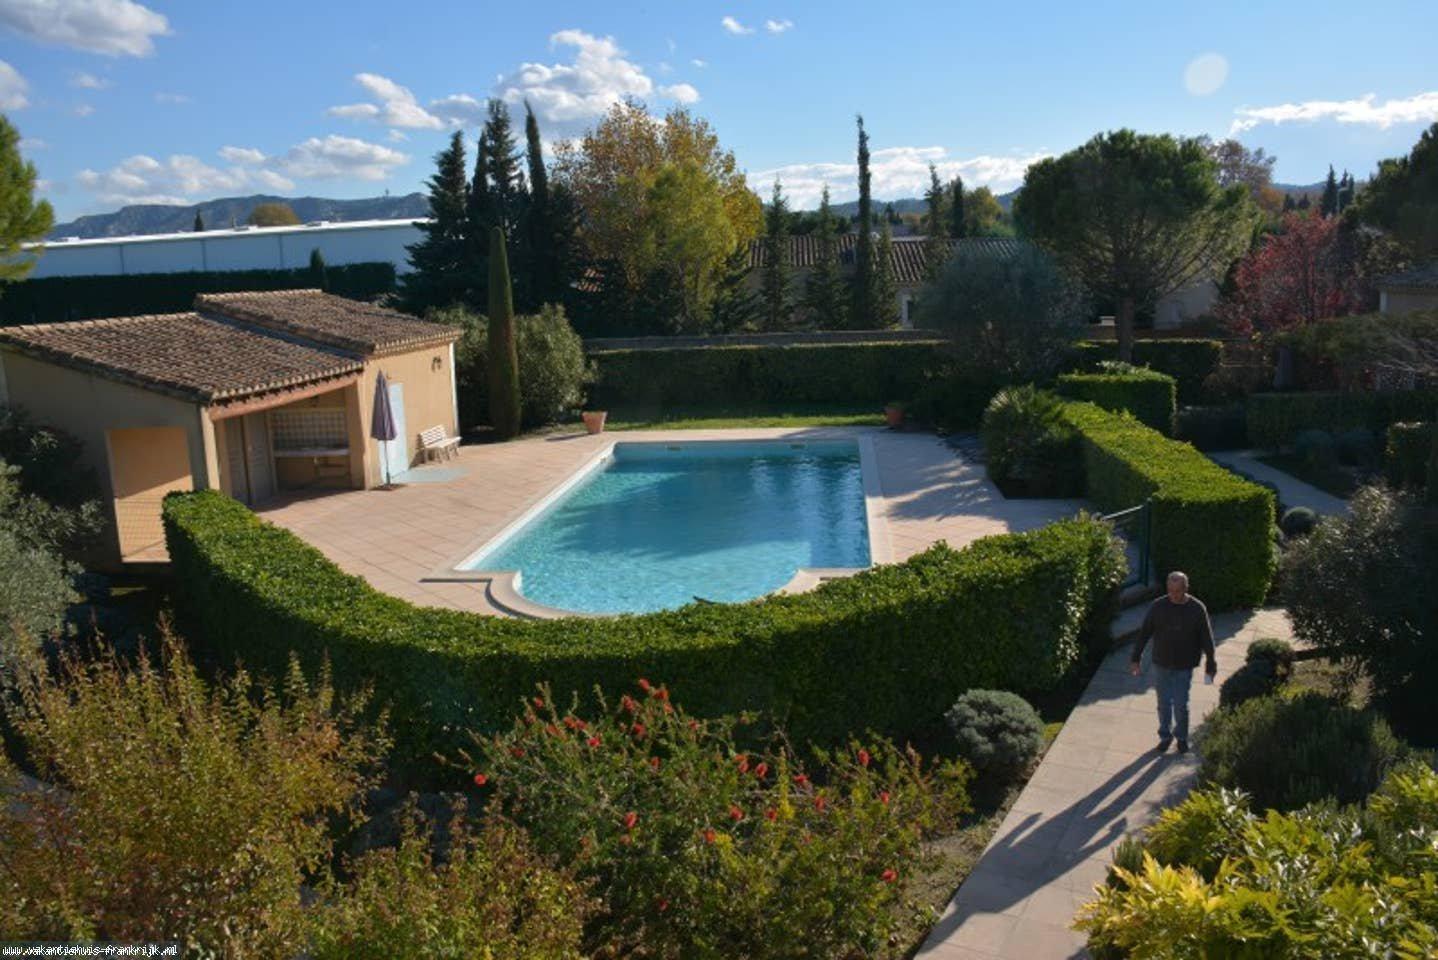 Vakantiehuis: rustig gelegen gezellige vakantiewoning voor 5 personen in Saint-Remy-de-Provence te huur voor uw vakantie in Bouches du Rhone (Frankrijk)